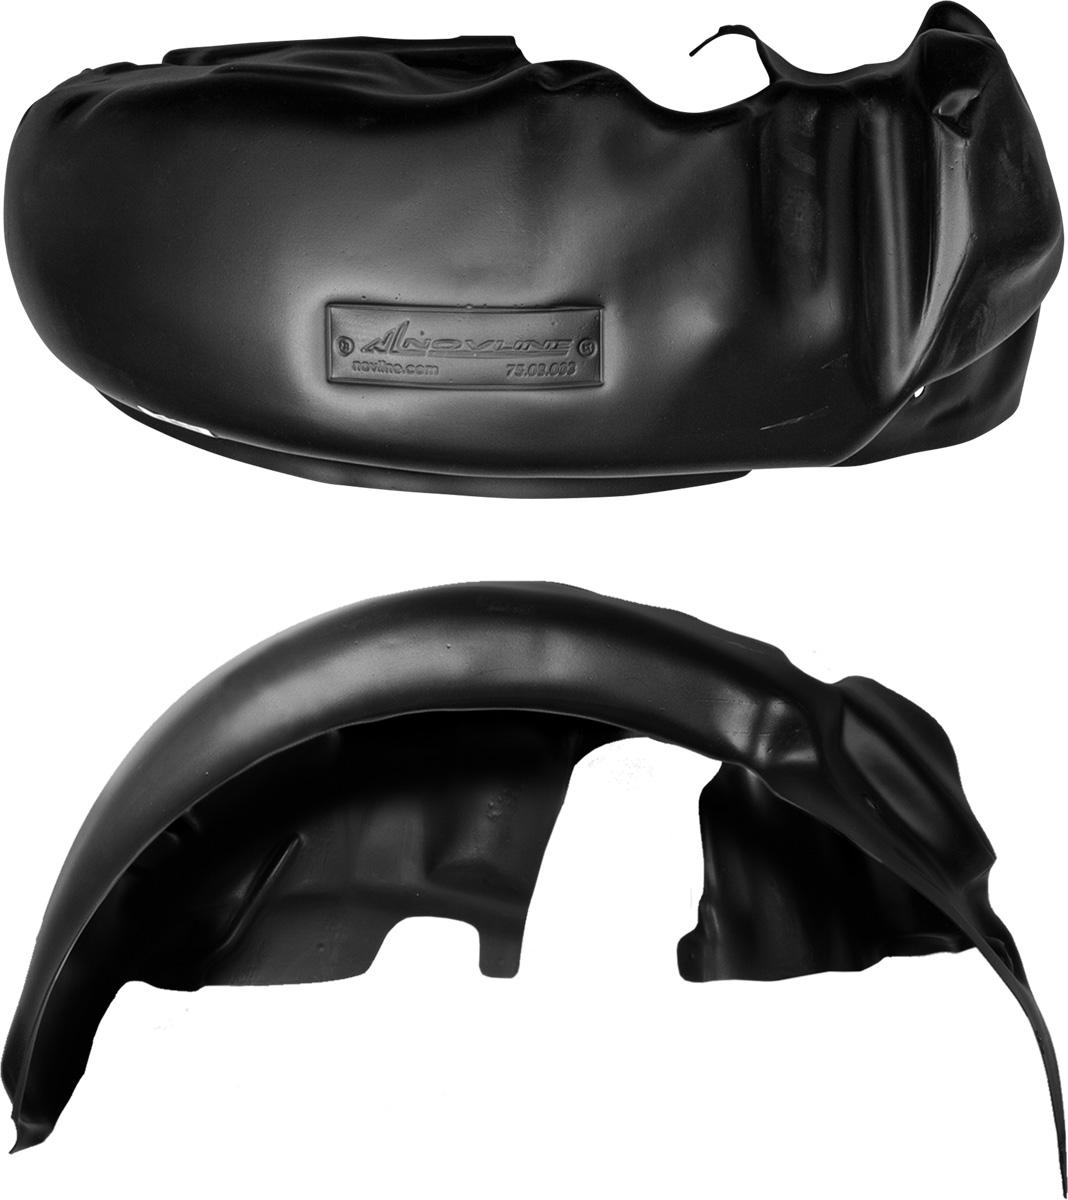 Подкрылок Novline-Autofamily, для Hyundai Solaris, 2014->, седан, передний правыйNLL.20.43.002Колесные ниши - одни из самых уязвимых зон днища вашего автомобиля. Они постоянно подвергаются воздействию со стороны дороги. Лучшая, почти абсолютная защита для них - специально отформованные пластиковые кожухи, которые называются подкрылками. Производятся они как для отечественных моделей автомобилей, так и для иномарок. Подкрылки Novline-Autofamily выполнены из высококачественного, экологически чистого пластика. Обеспечивают надежную защиту кузова автомобиля от пескоструйного эффекта и негативного влияния, агрессивных антигололедных реагентов. Пластик обладает более низкой теплопроводностью, чем металл, поэтому в зимний период эксплуатации использование пластиковых подкрылков позволяет лучше защитить колесные ниши от налипания снега и образования наледи. Оригинальность конструкции подчеркивает элегантность автомобиля, бережно защищает нанесенное на днище кузова антикоррозийное покрытие и позволяет осуществить крепление подкрылков внутри колесной арки практически без дополнительного крепежа и сверления, не нарушая при этом лакокрасочного покрытия, что предотвращает возникновение новых очагов коррозии. Подкрылки долговечны, обладают высокой прочностью и сохраняют заданную форму, а также все свои физико-механические характеристики в самых тяжелых климатических условиях (от -50°С до +50°С).Уважаемые клиенты!Обращаем ваше внимание, на тот факт, что подкрылок имеет форму, соответствующую модели данного автомобиля. Фото служит для визуального восприятия товара.